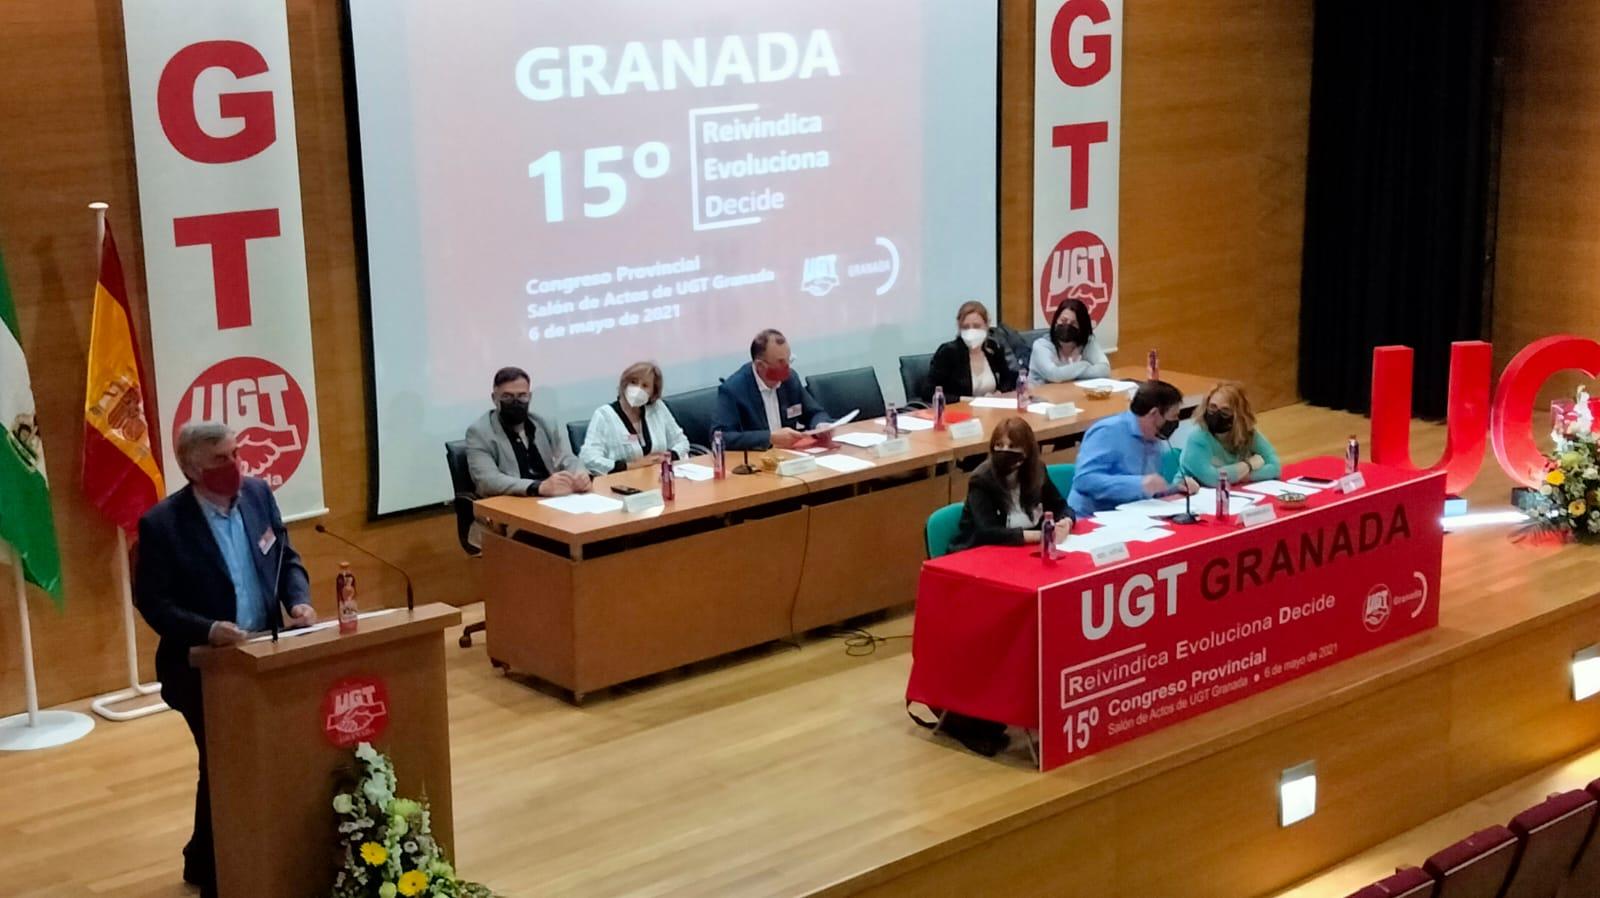 UGT denuncia la gravísima situación del Área de Servicios Sociales del Ayuntamiento de Granada